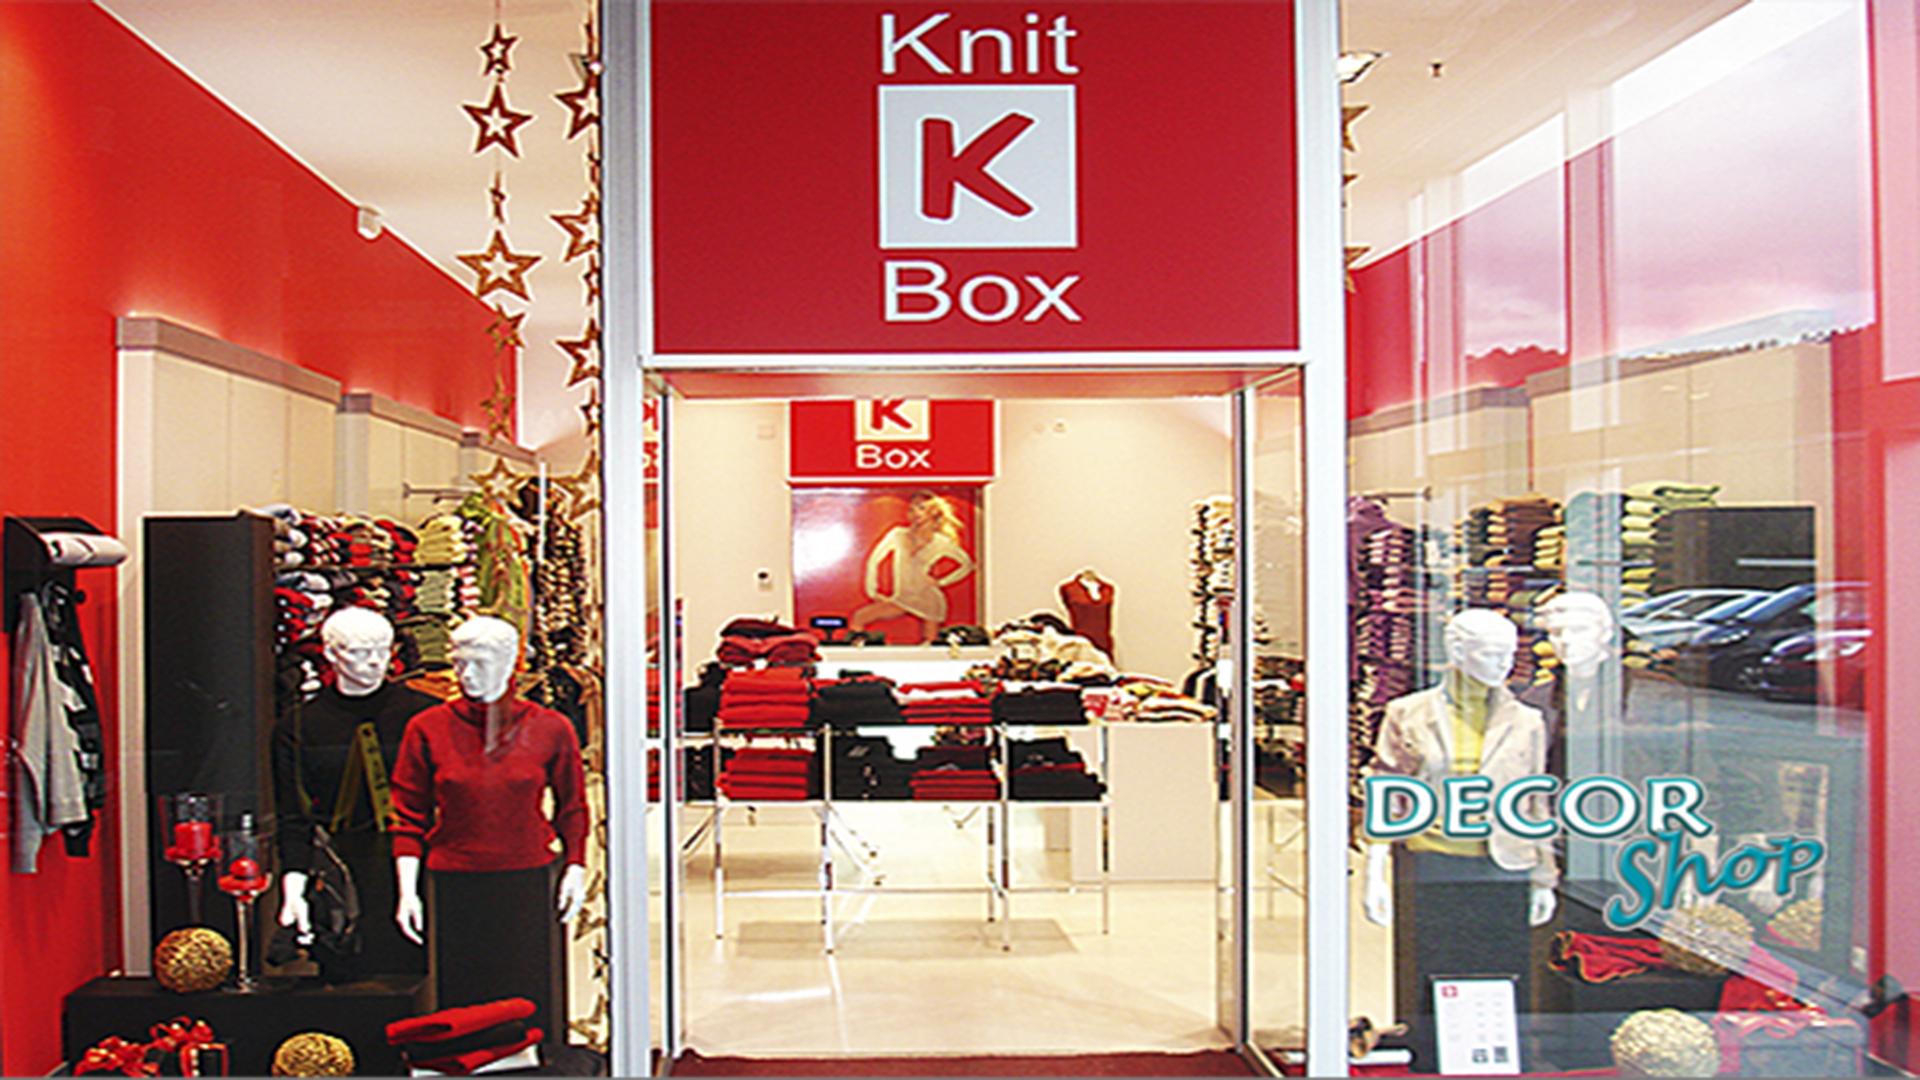 1 - KNIT BOX - TUI